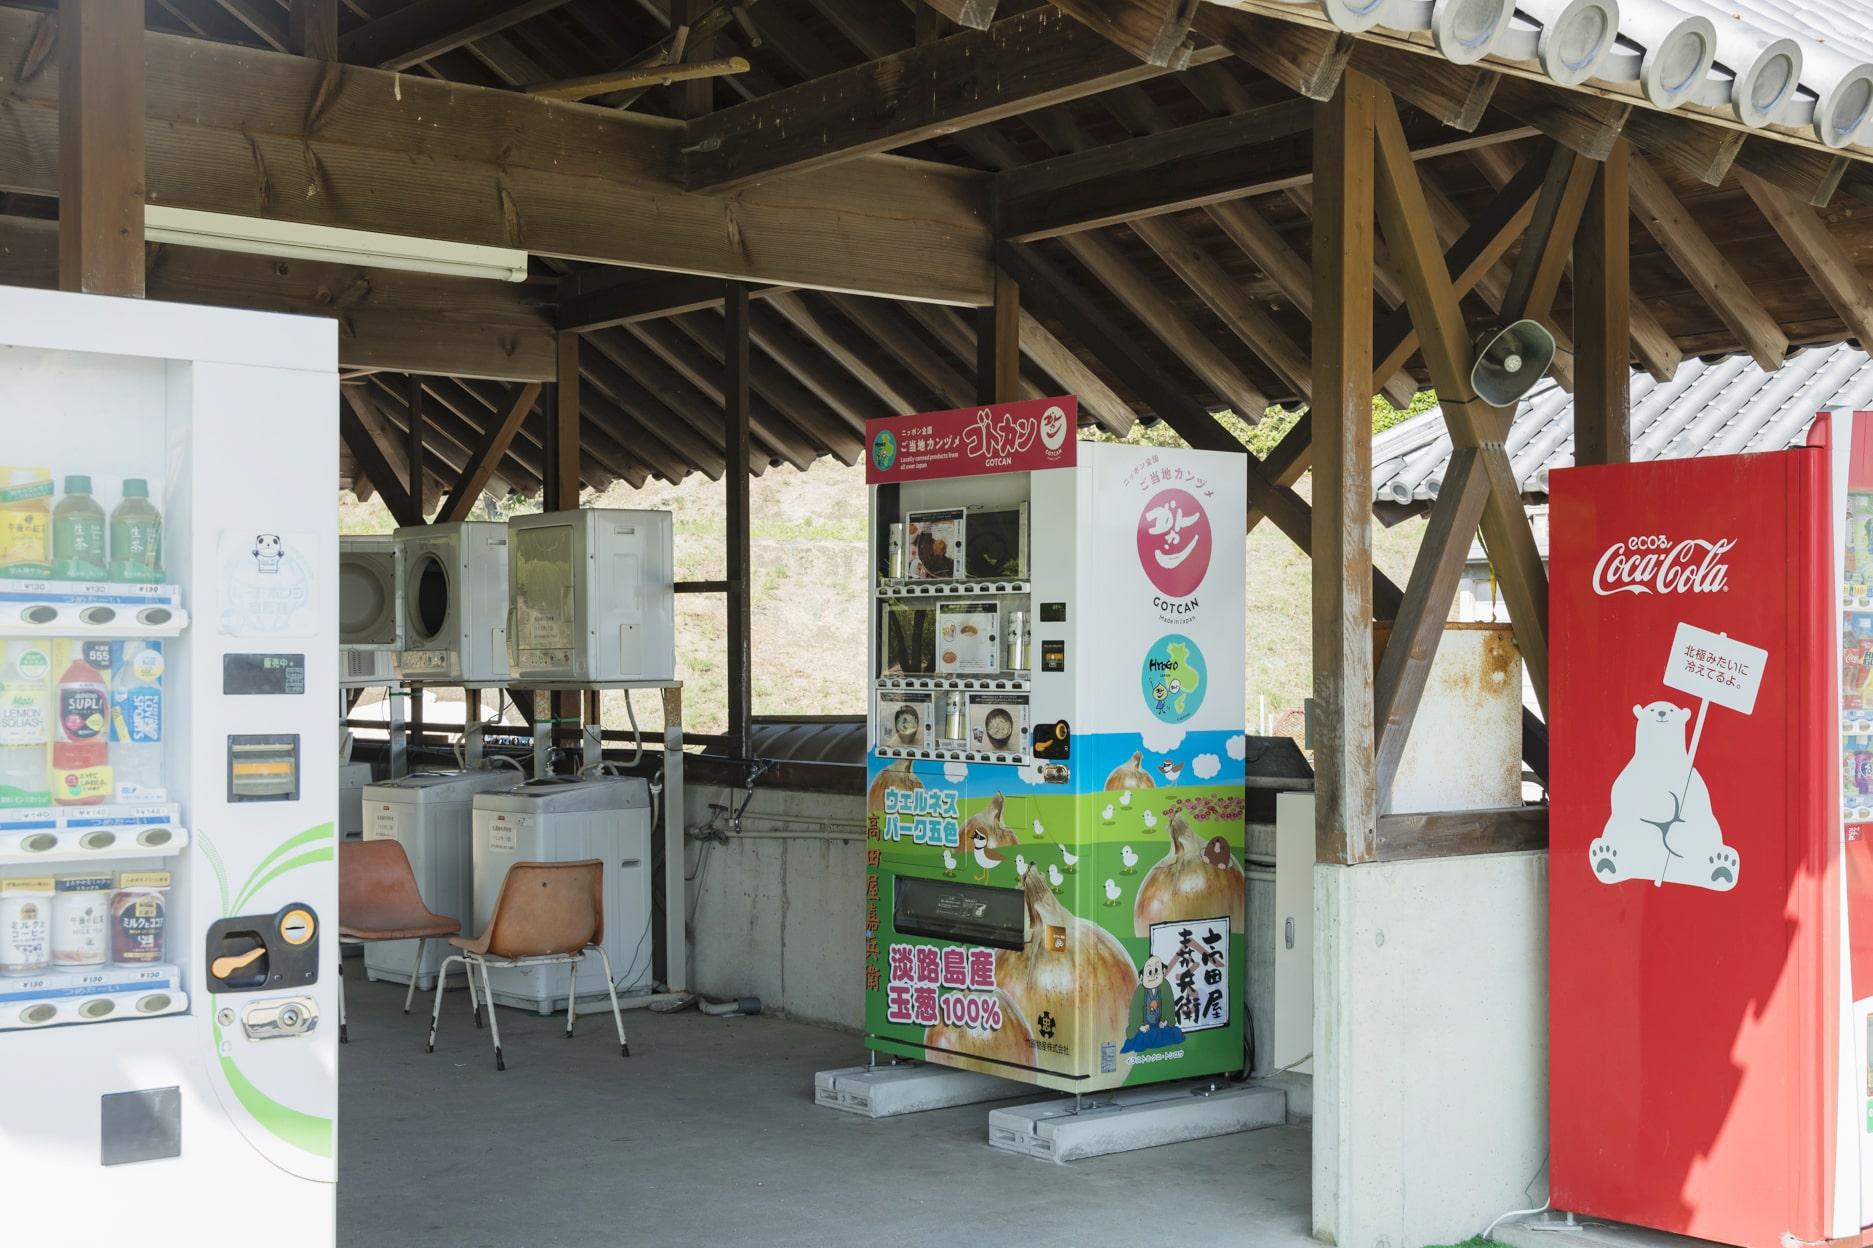 ウェルネスパーク五色に淡路島産の玉ねぎを使用した本物のこだわりカレーと創業180年の「かわばたみそ」のみそ汁が登場!